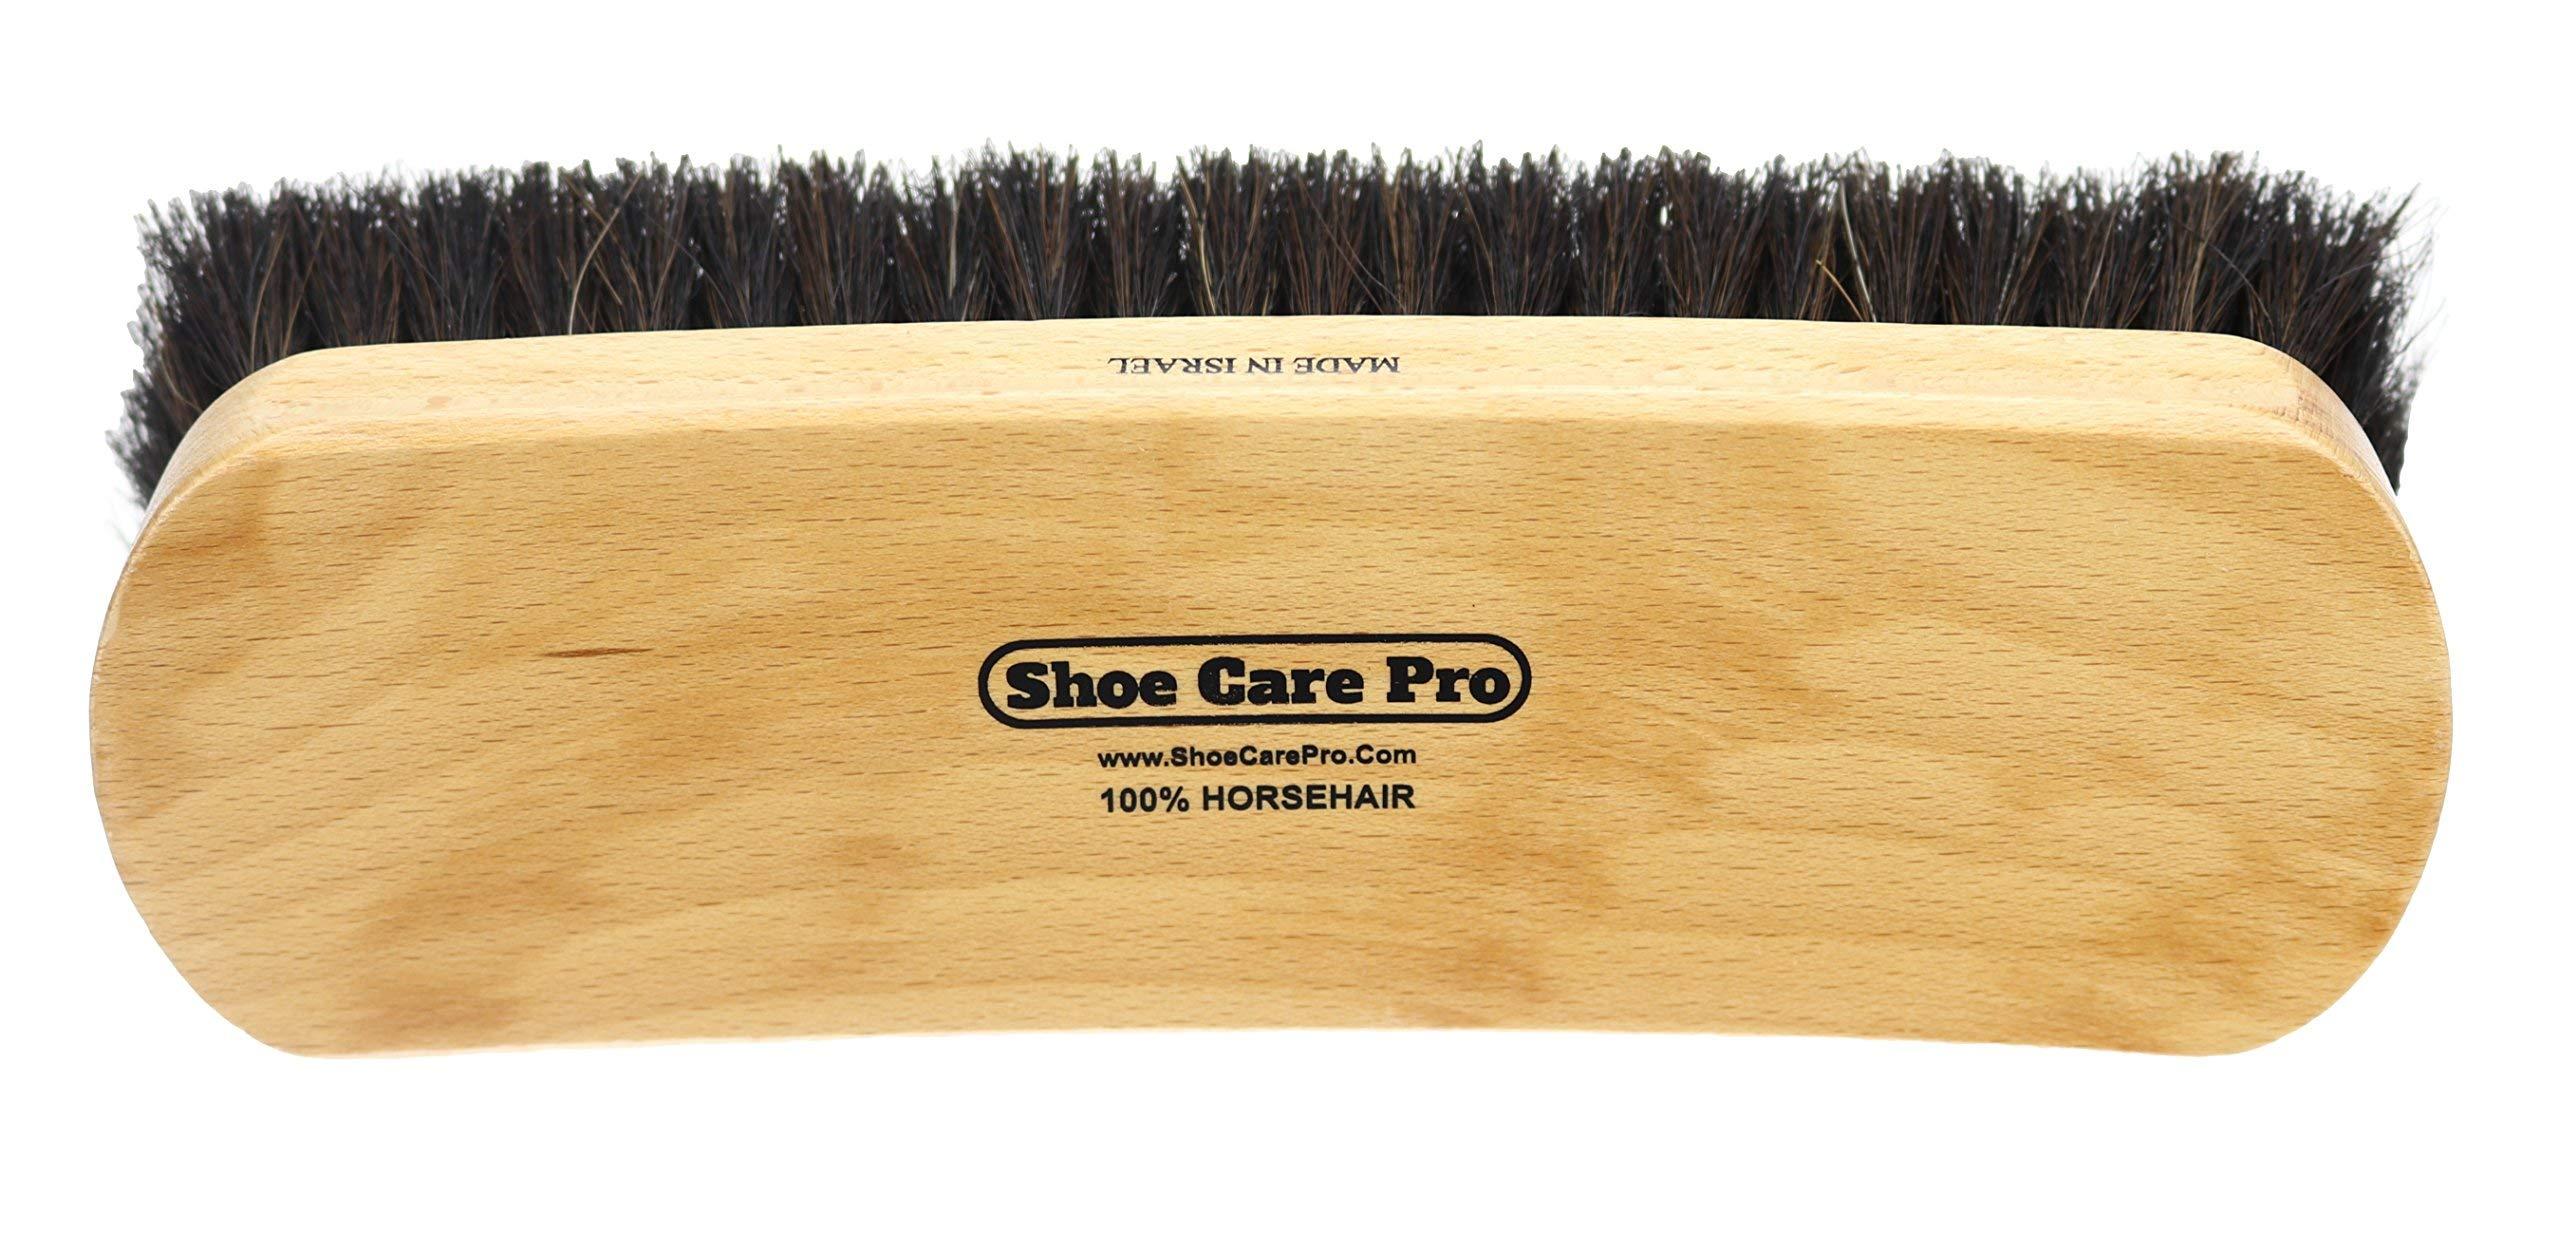 Cepillo profesional para pulir zapatos de 8 pulgadas. Cepill